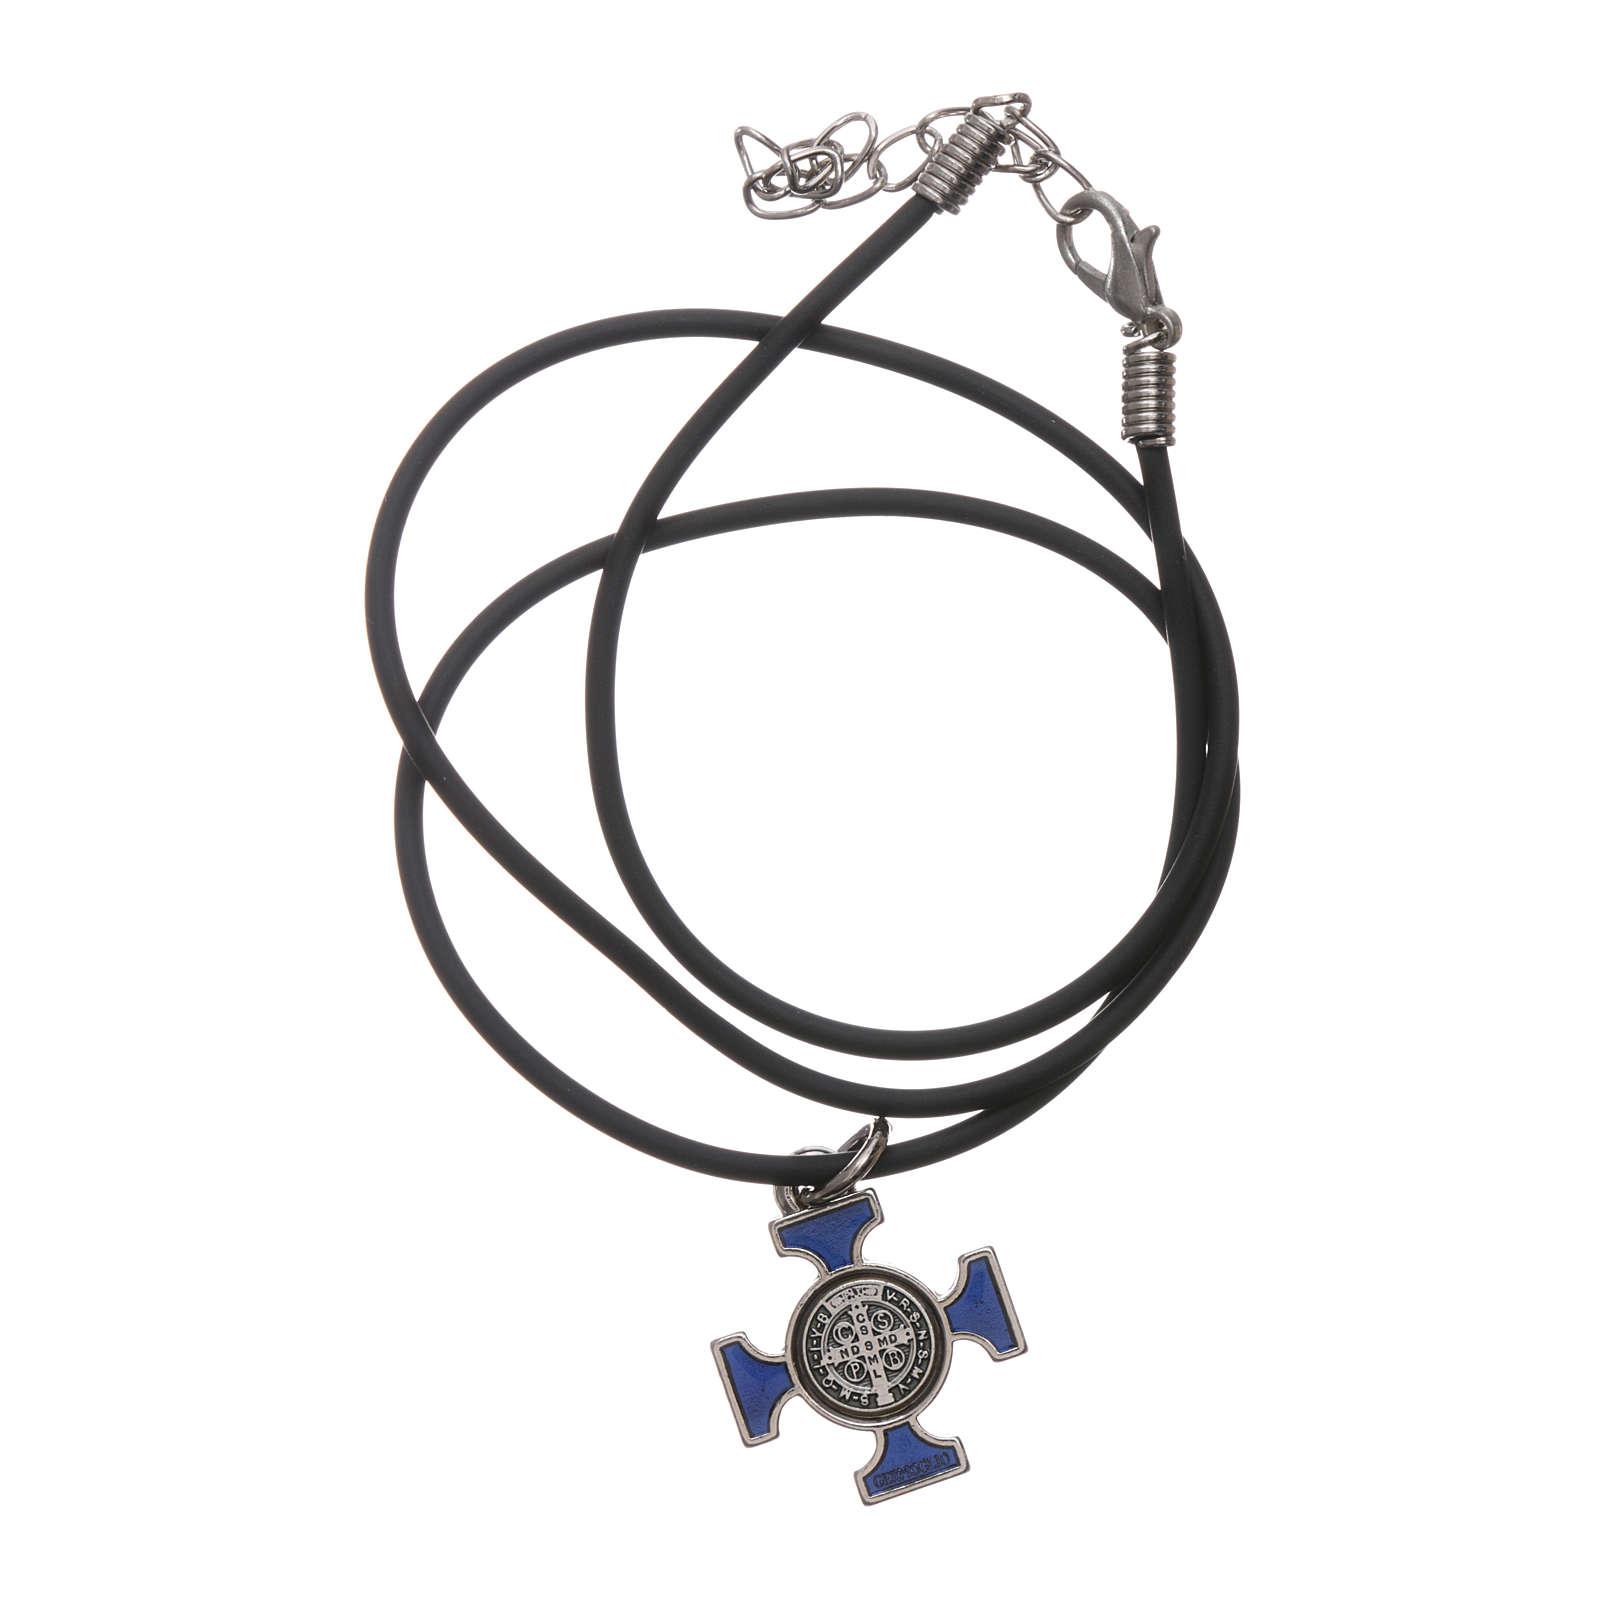 Kette Kreuz Heilig Benediktus keltisch Blau 2x2 4